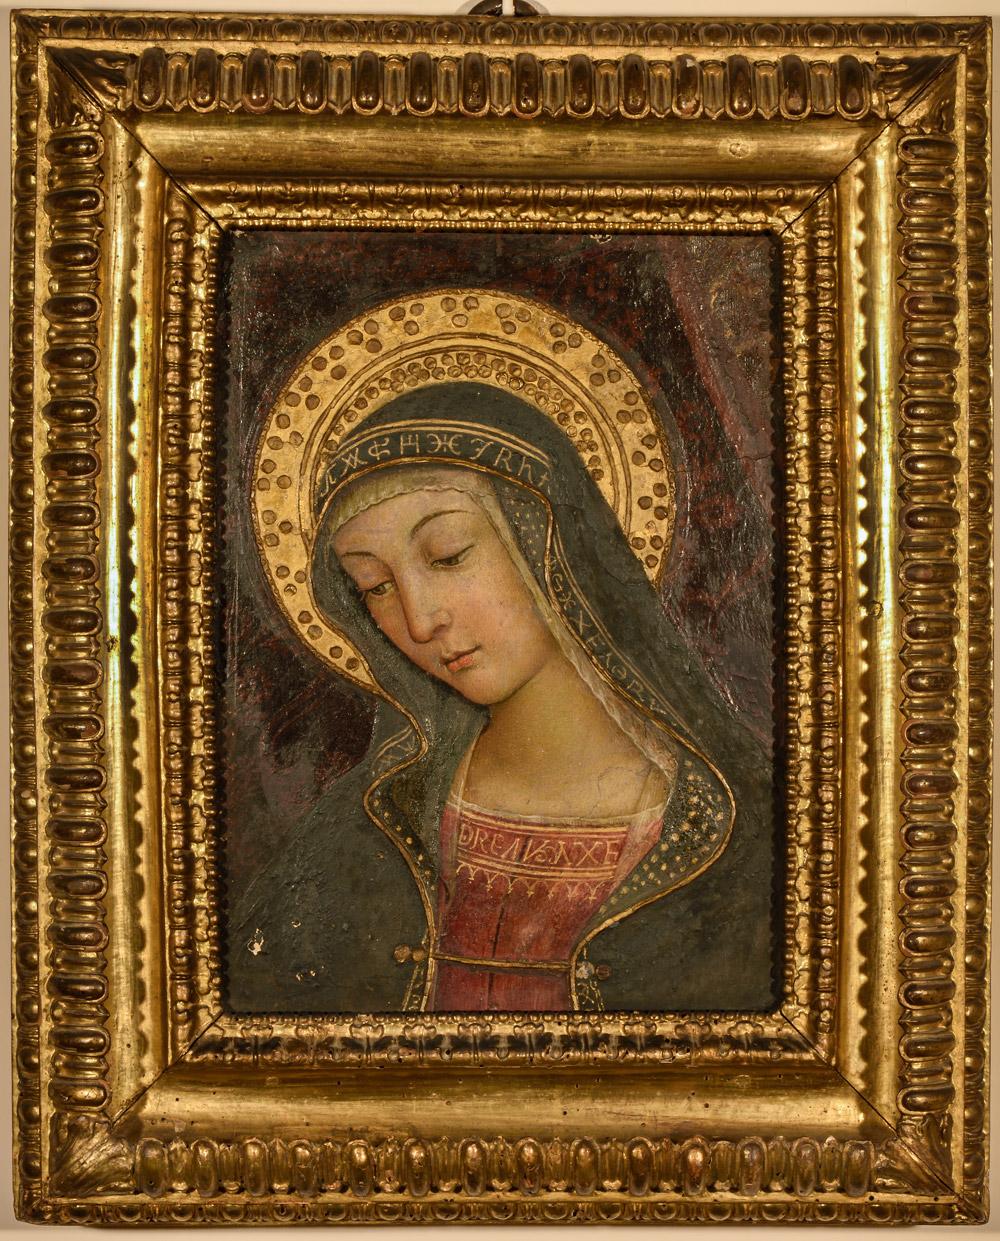 Pinturicchio, Madonna, frammento della distrutta Investitura divina di Alessandro VI